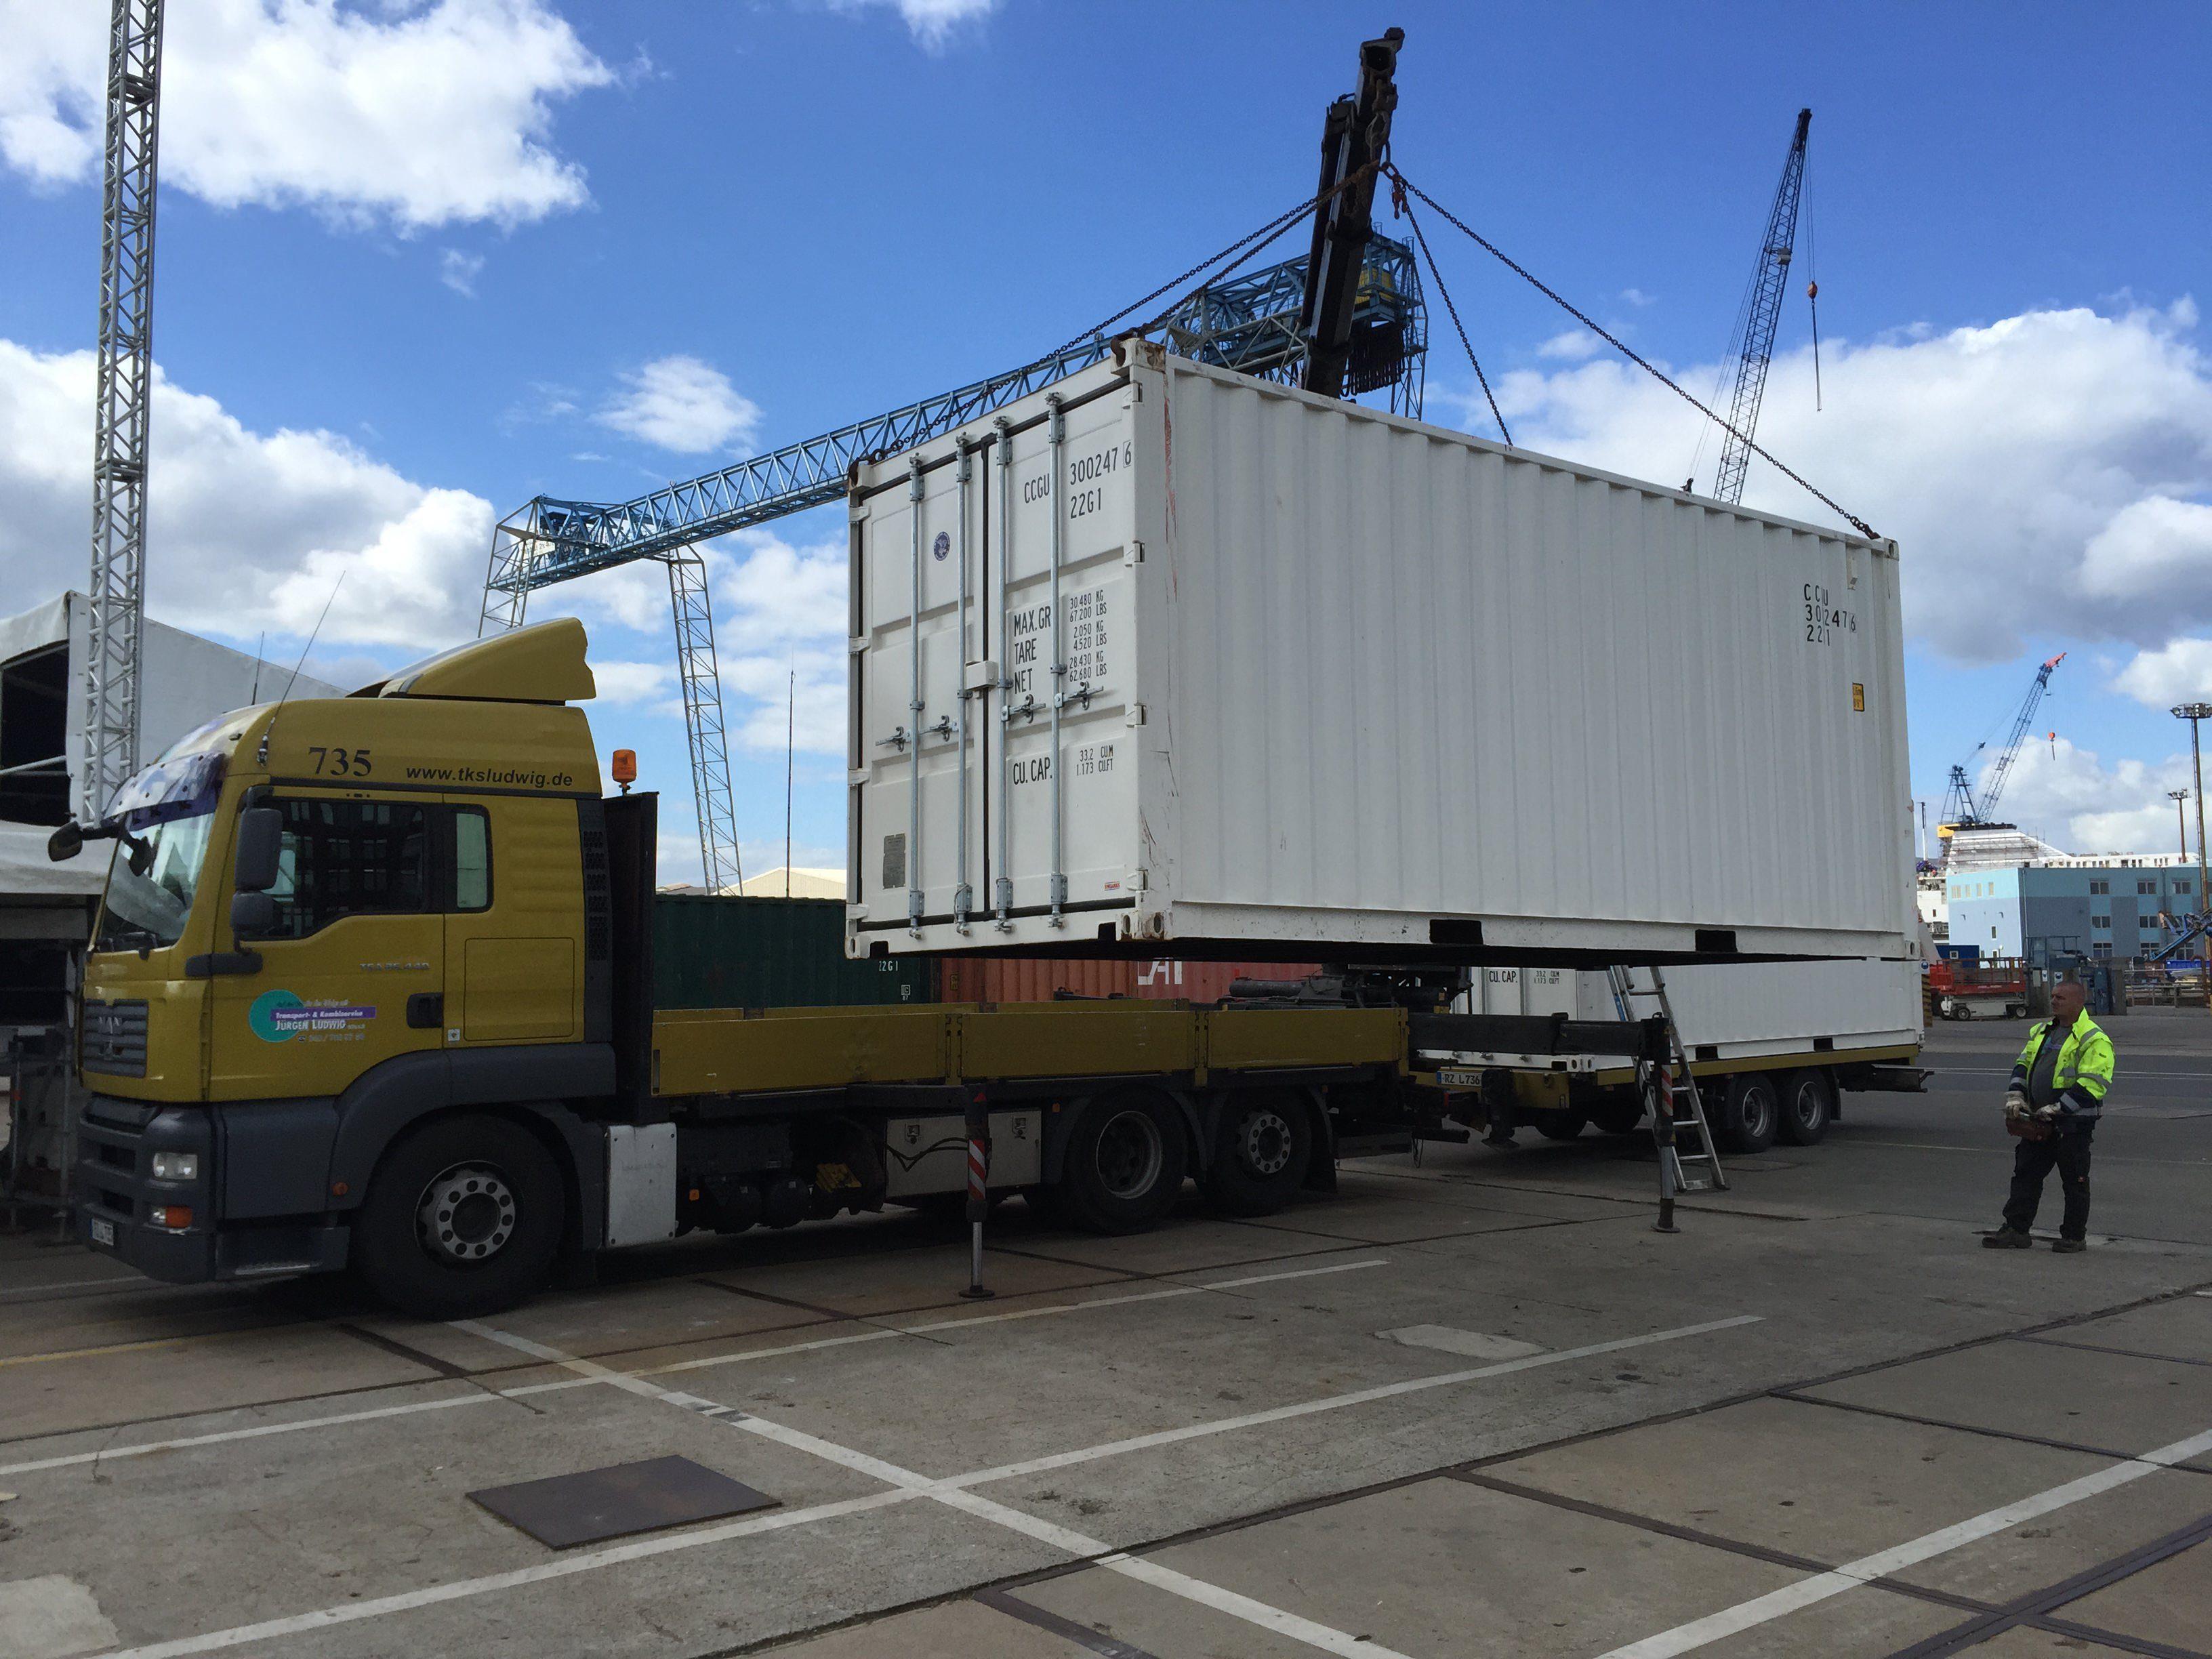 Mesmerizing Container Aufstellen Ohne Baugenehmigung Decoration Of 20 Fuß Seecontainer Wird Mit Lkw Kran